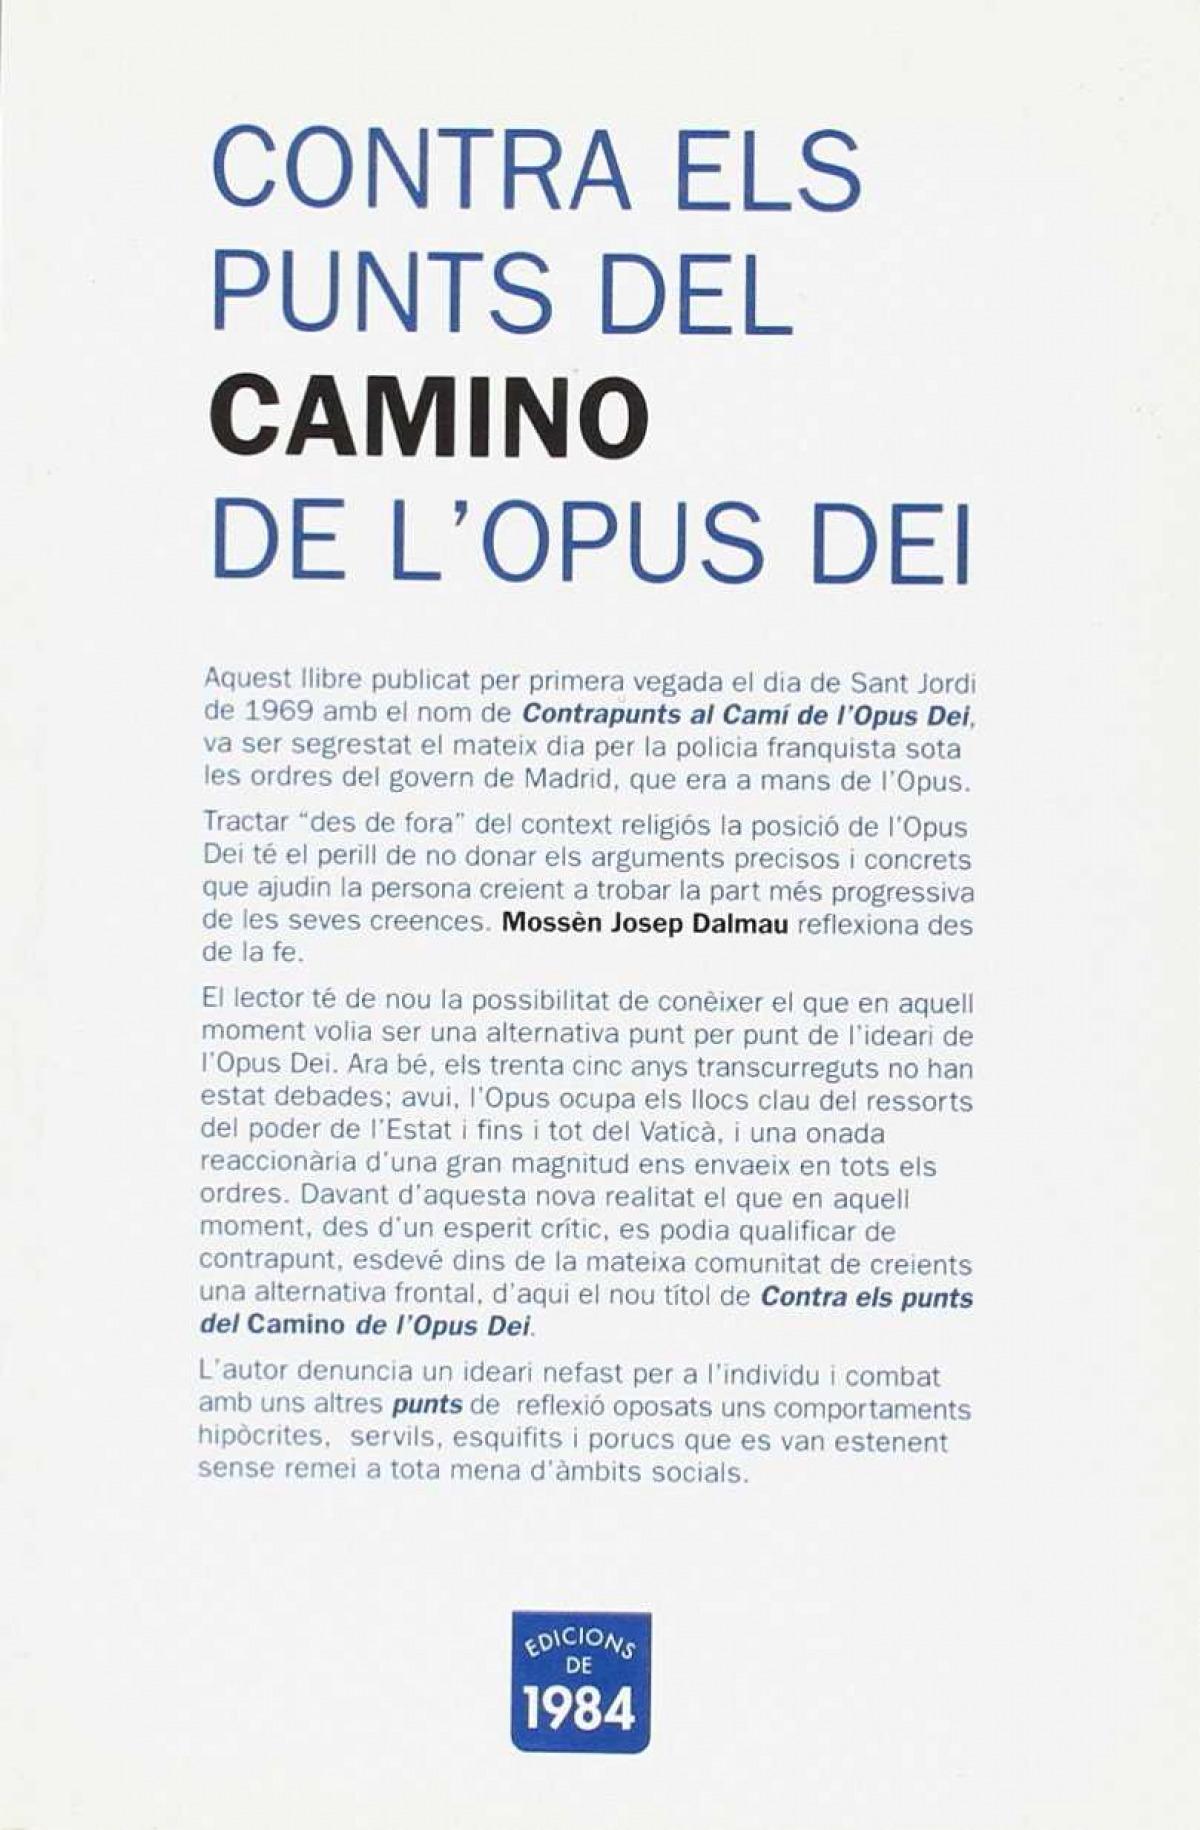 Contra els punts del camino de l'Opus Dei